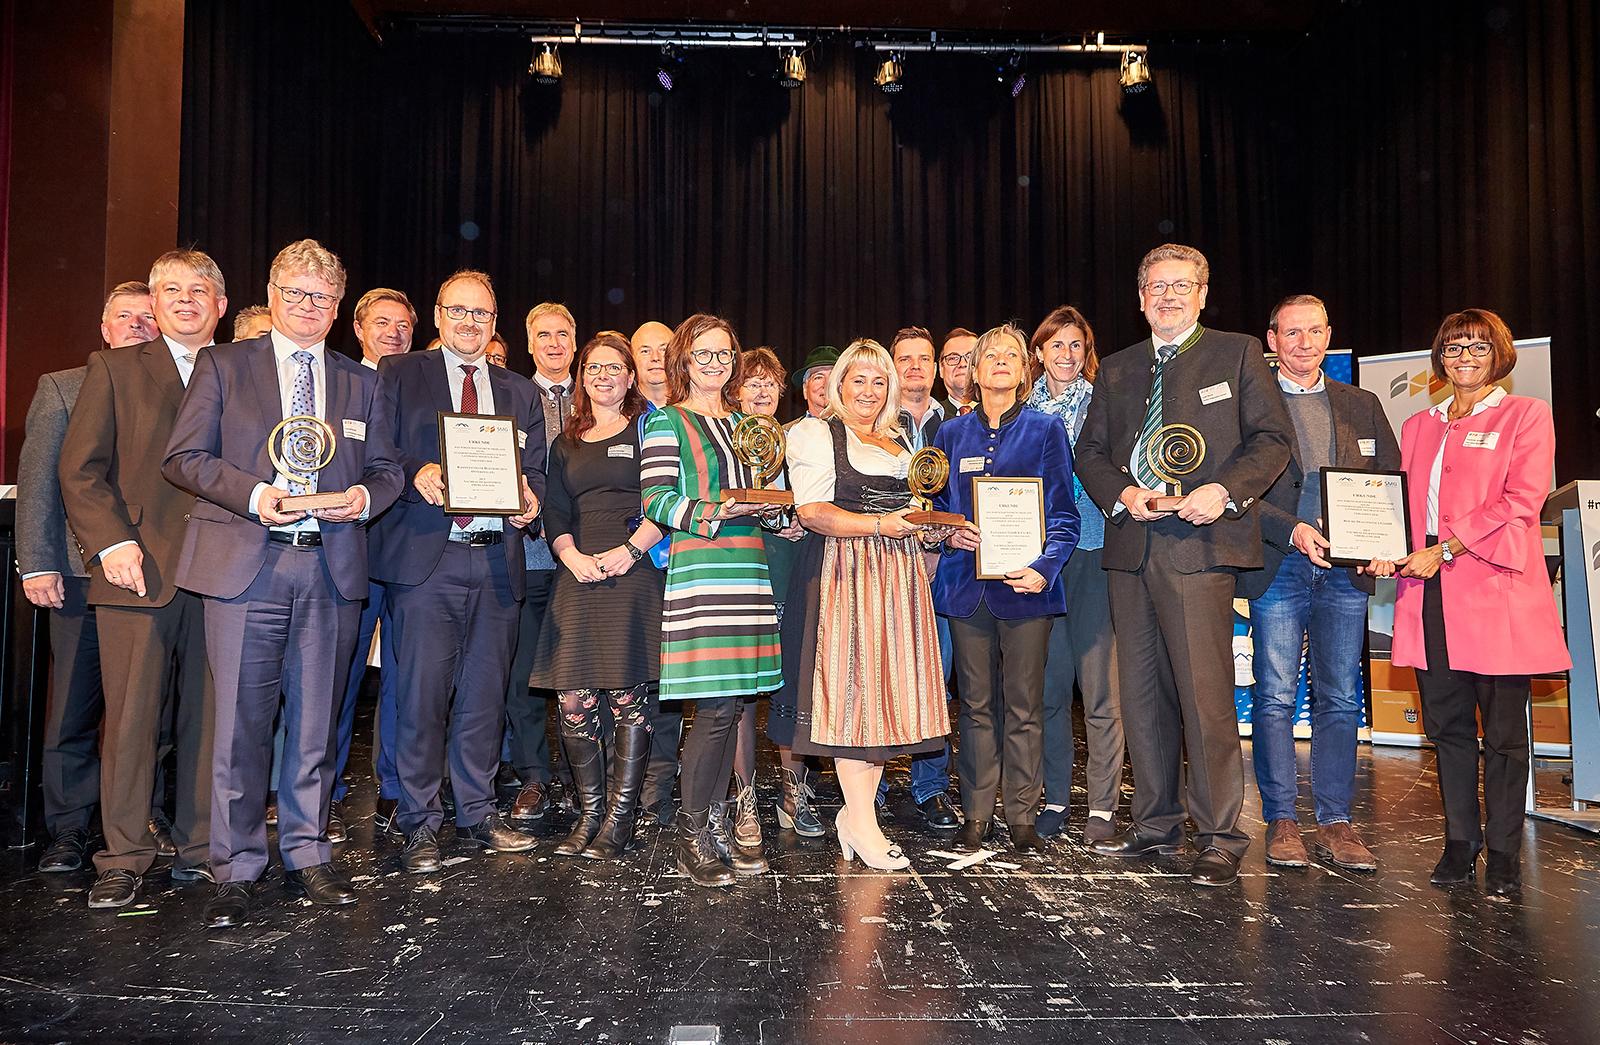 Die Preisträgerinnen und Preisträger der 9. Klausurtagung Nachhaltiges Wirtschaften | © Manfred Neubauer